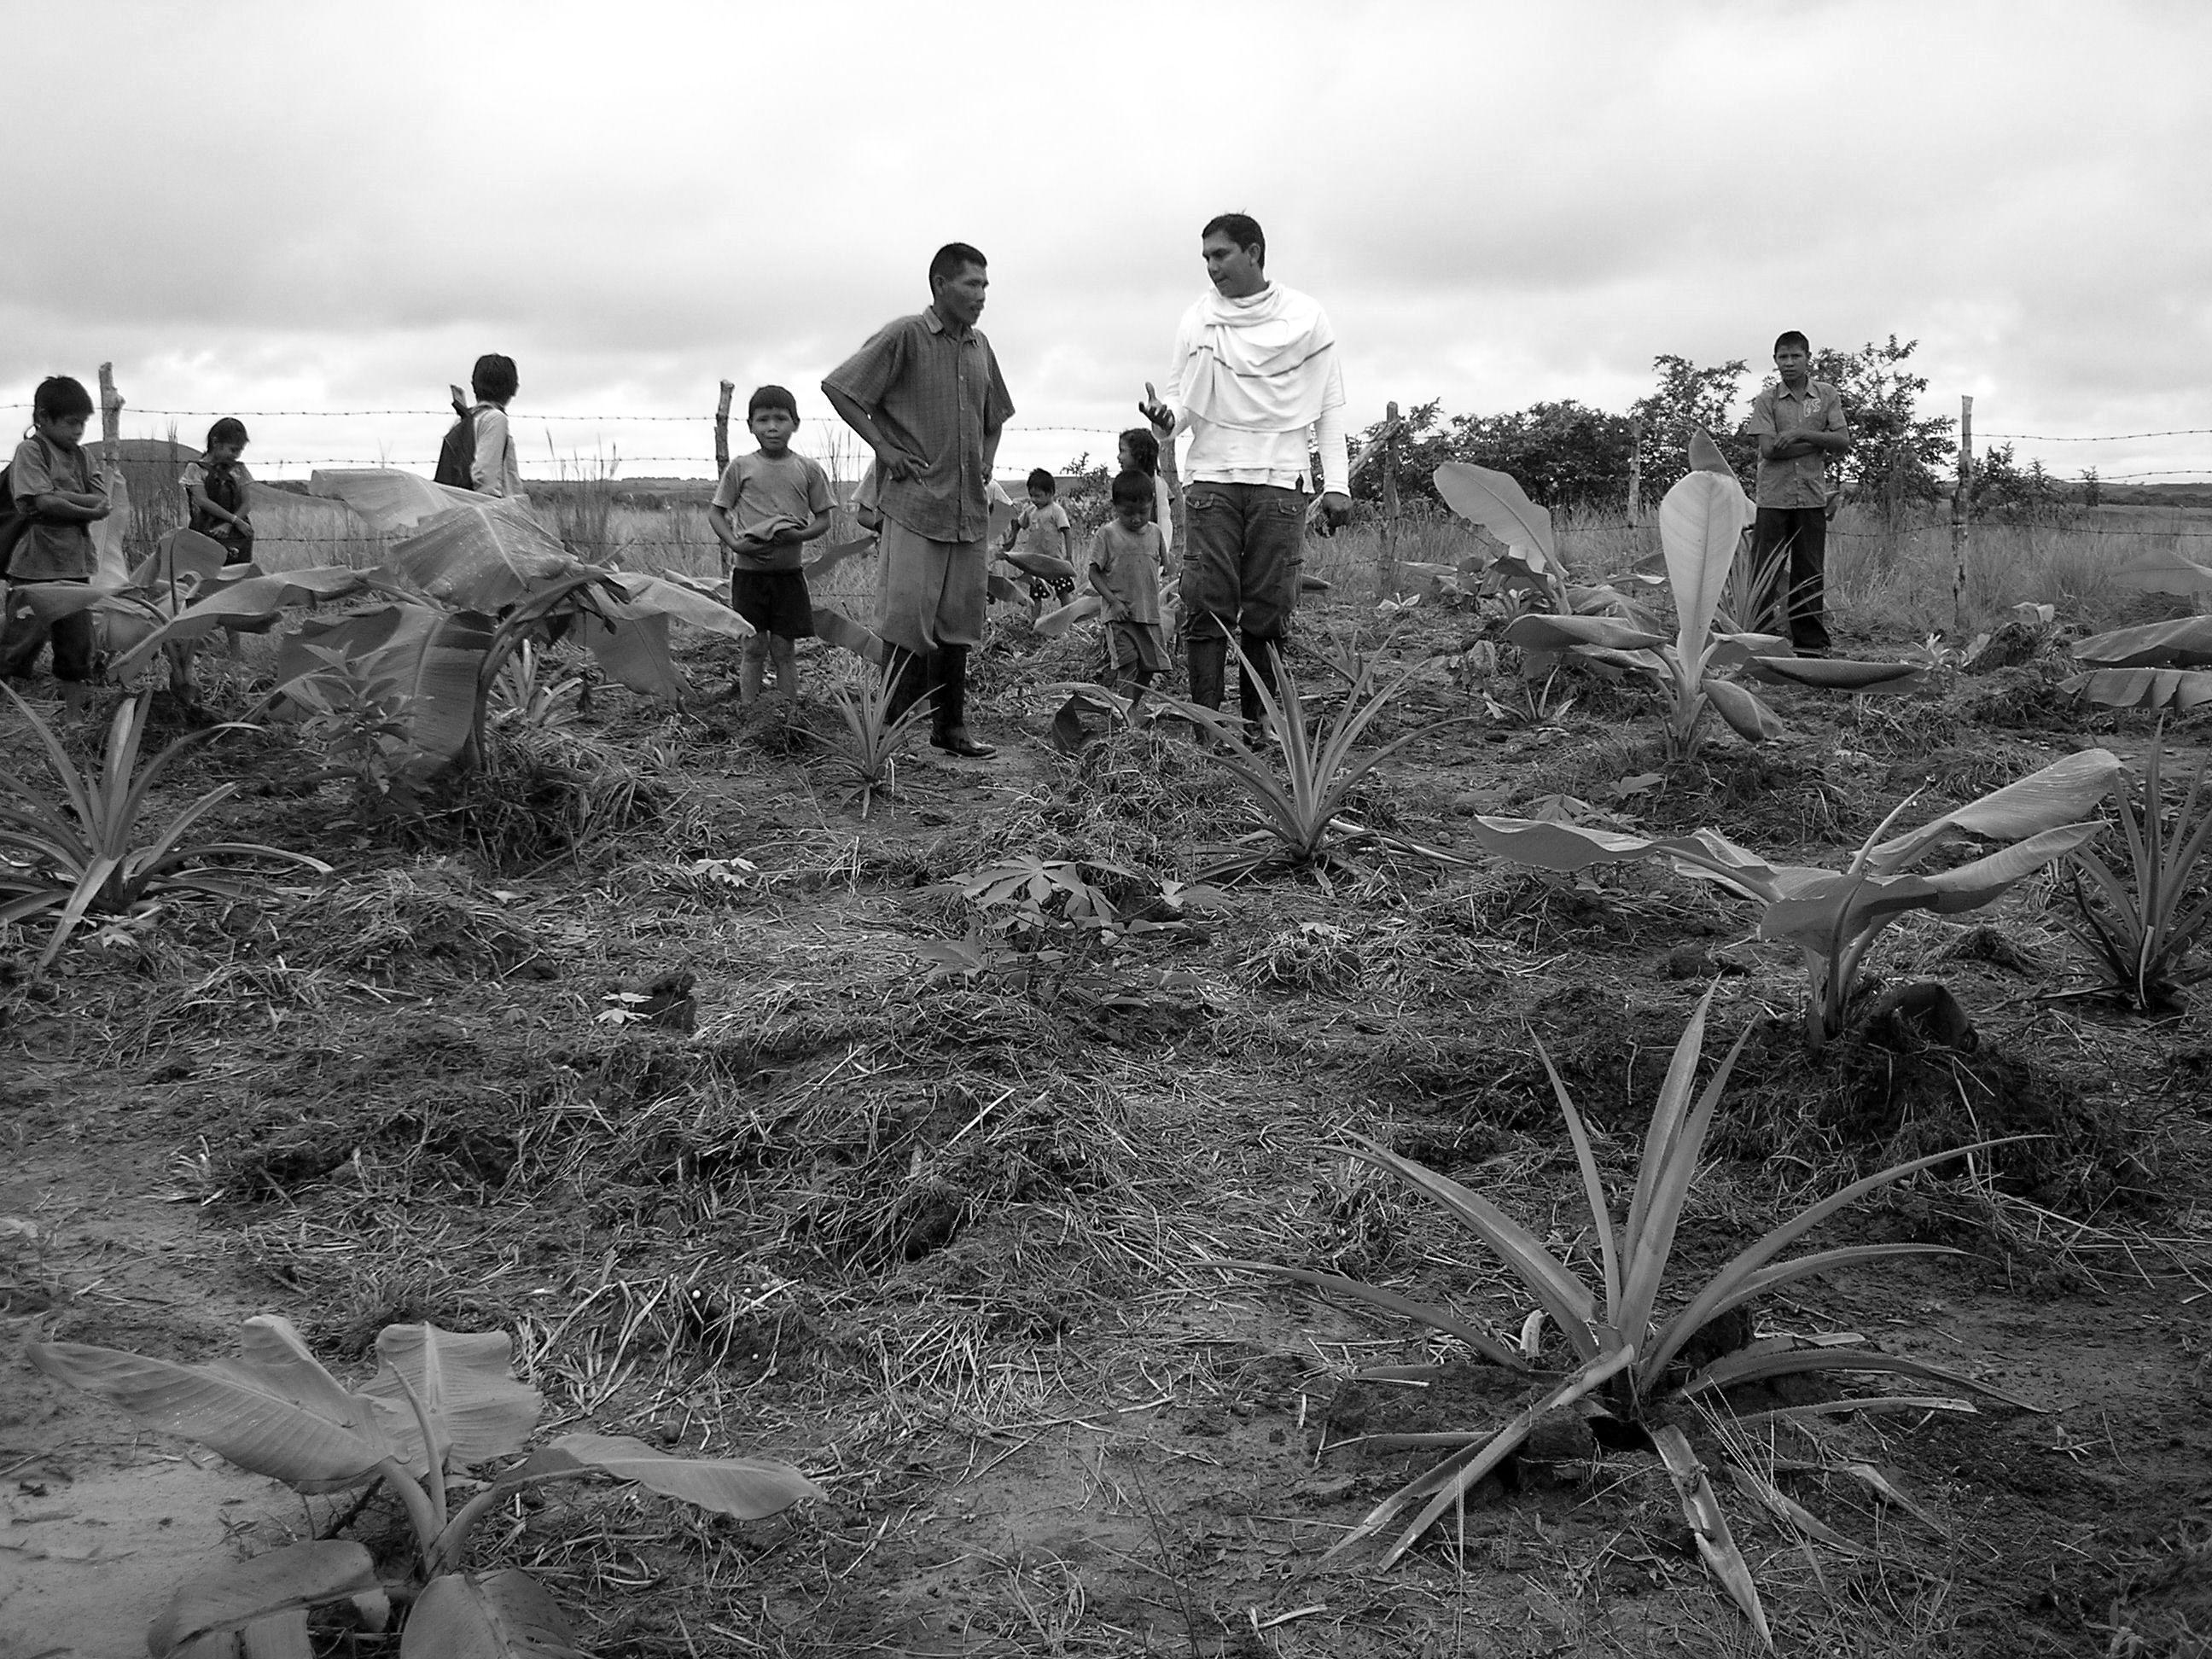 Grafica alusiva a La Cosmopolitana: Recuperación del alimento y las culturas ancestrales en la Altillanura colombiana